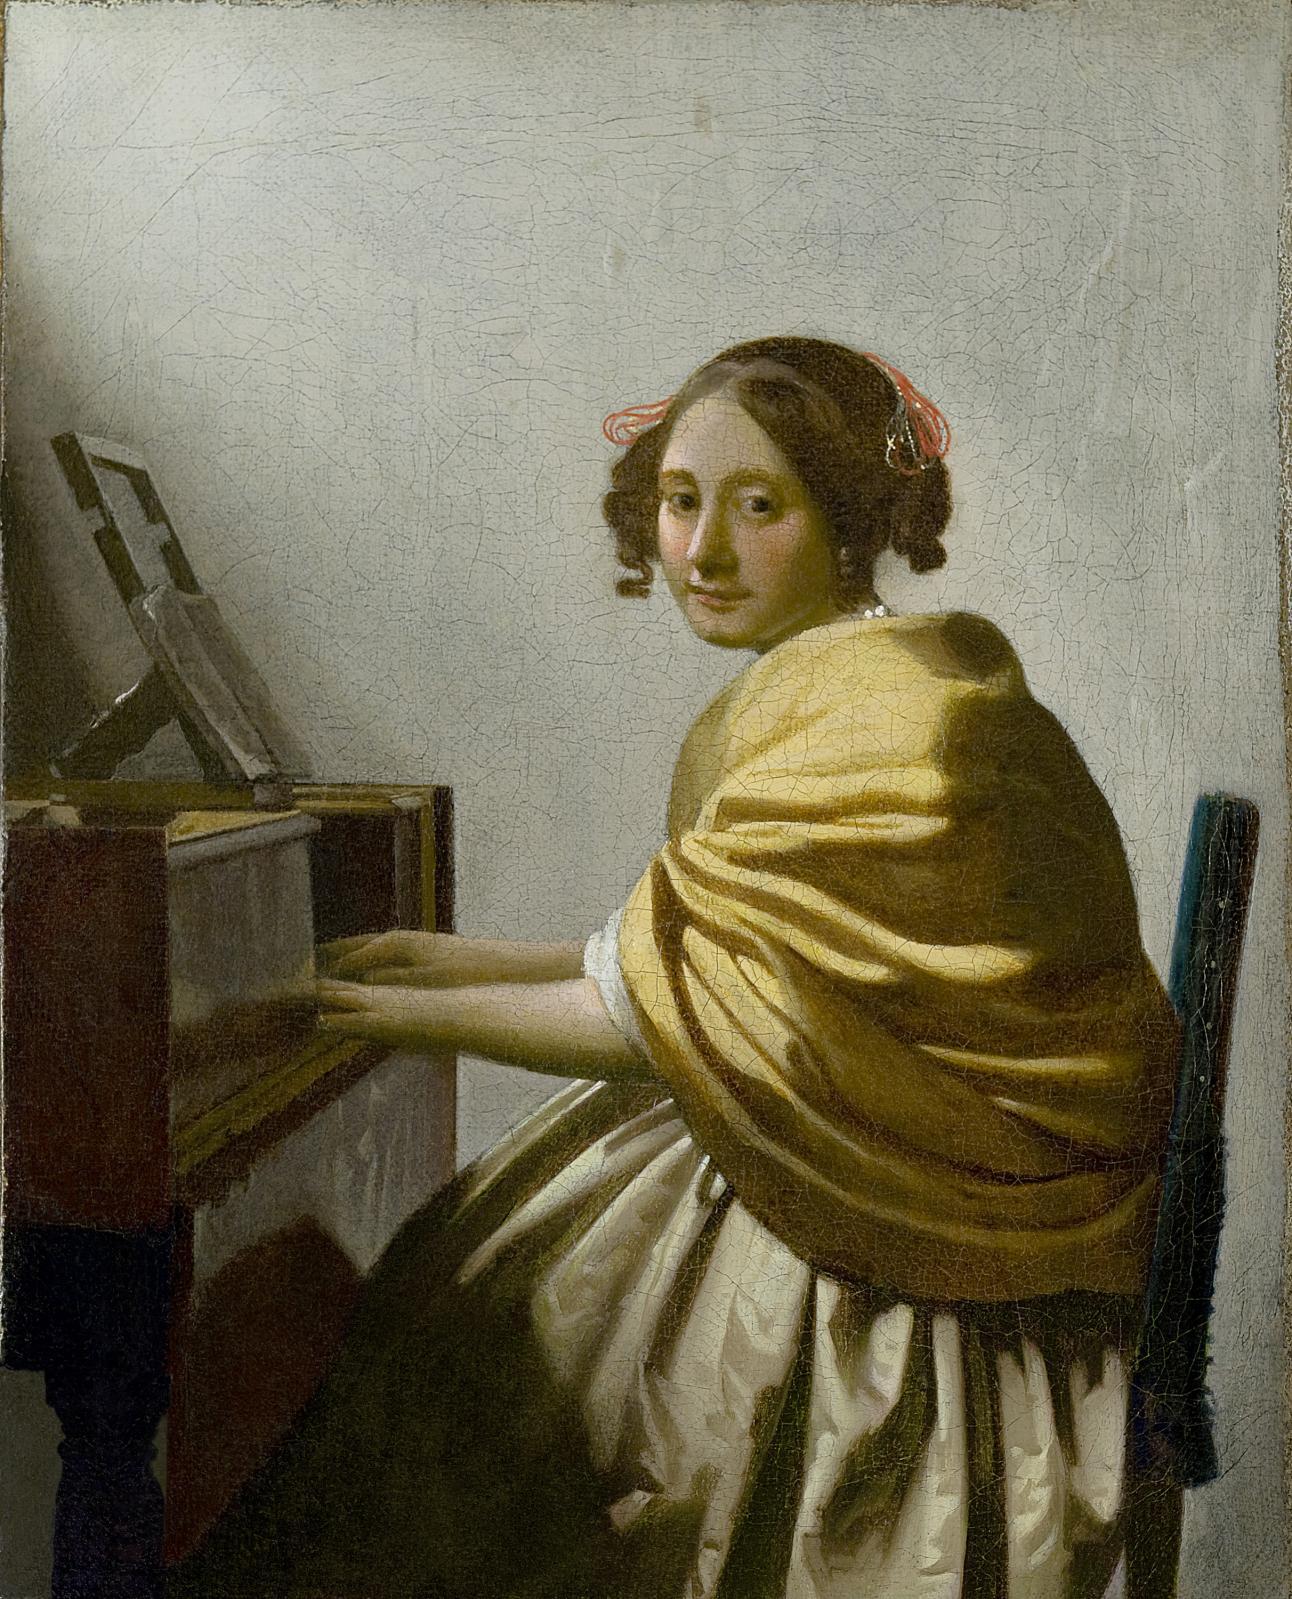 Johannes Vermeer,  Jeune femme assise au virginal, vers 1670-1672, huile sur toile, 25,5x20,1cm. © The Leiden Collection, New York.